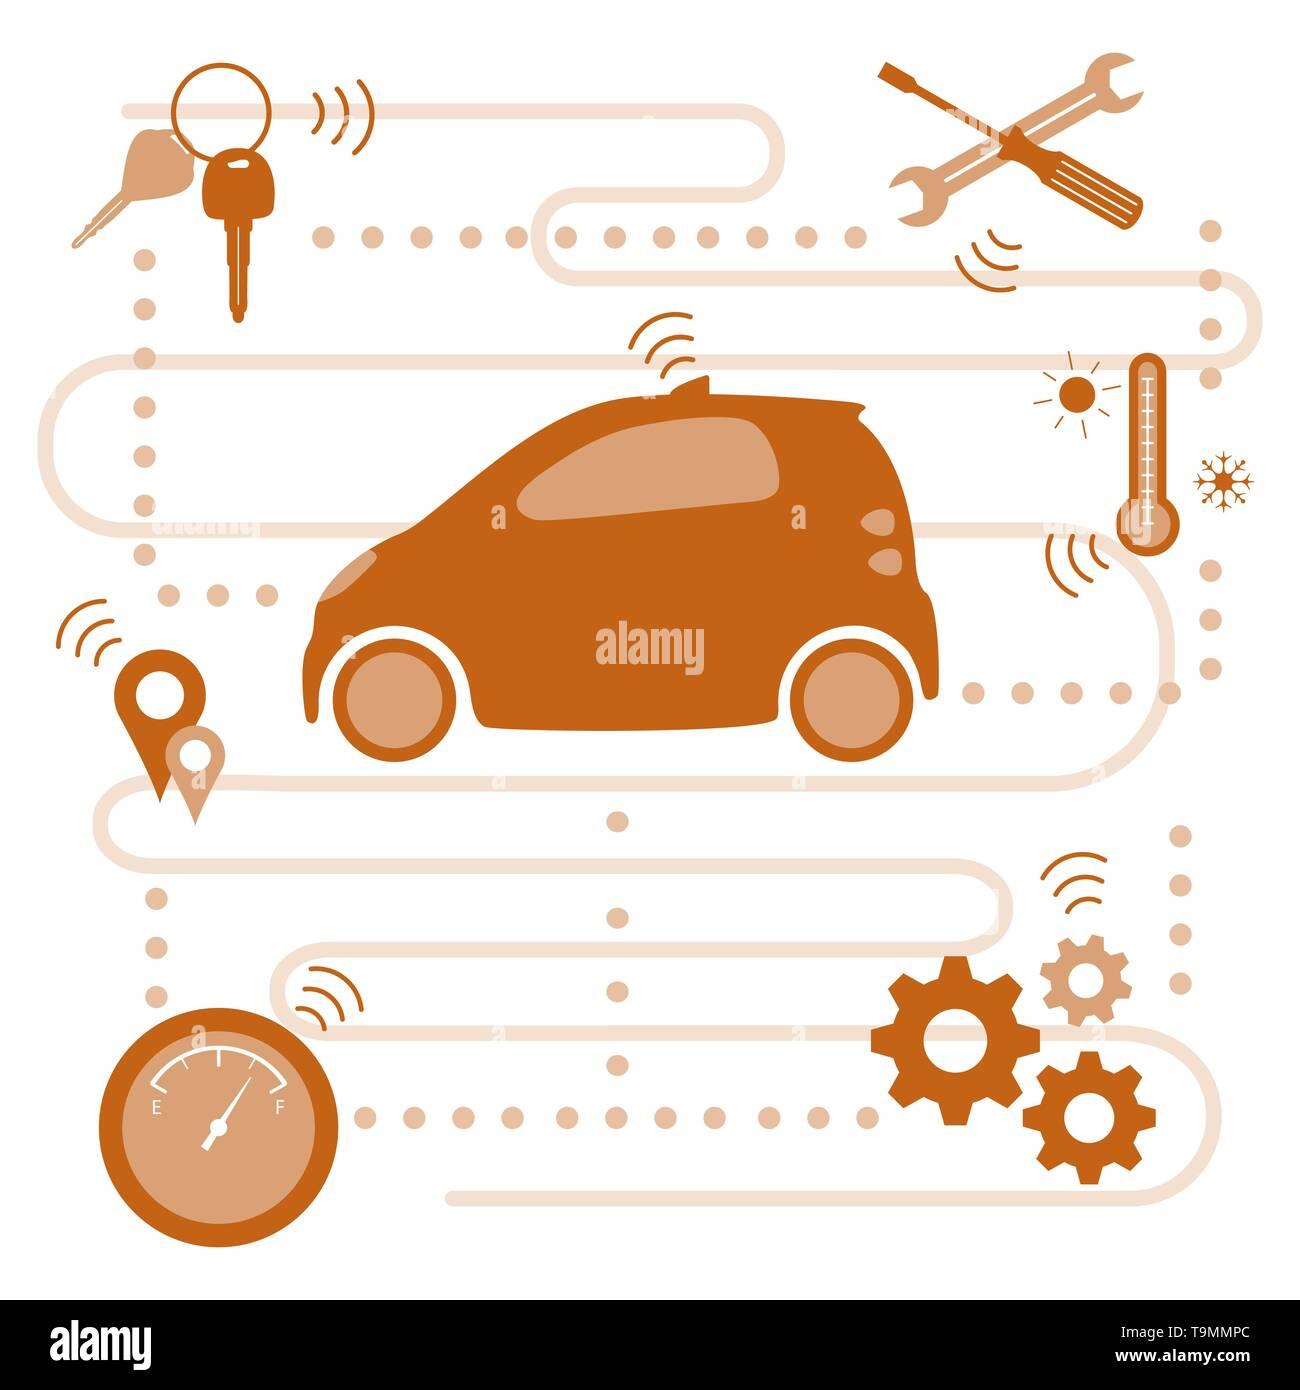 Smart - Auto Transfer von Informationen über seinen Zustand: die Lage, die Kraftstoffmenge, Temperaturen im Auto, muss für die Reparatur. Autom. Stockbild